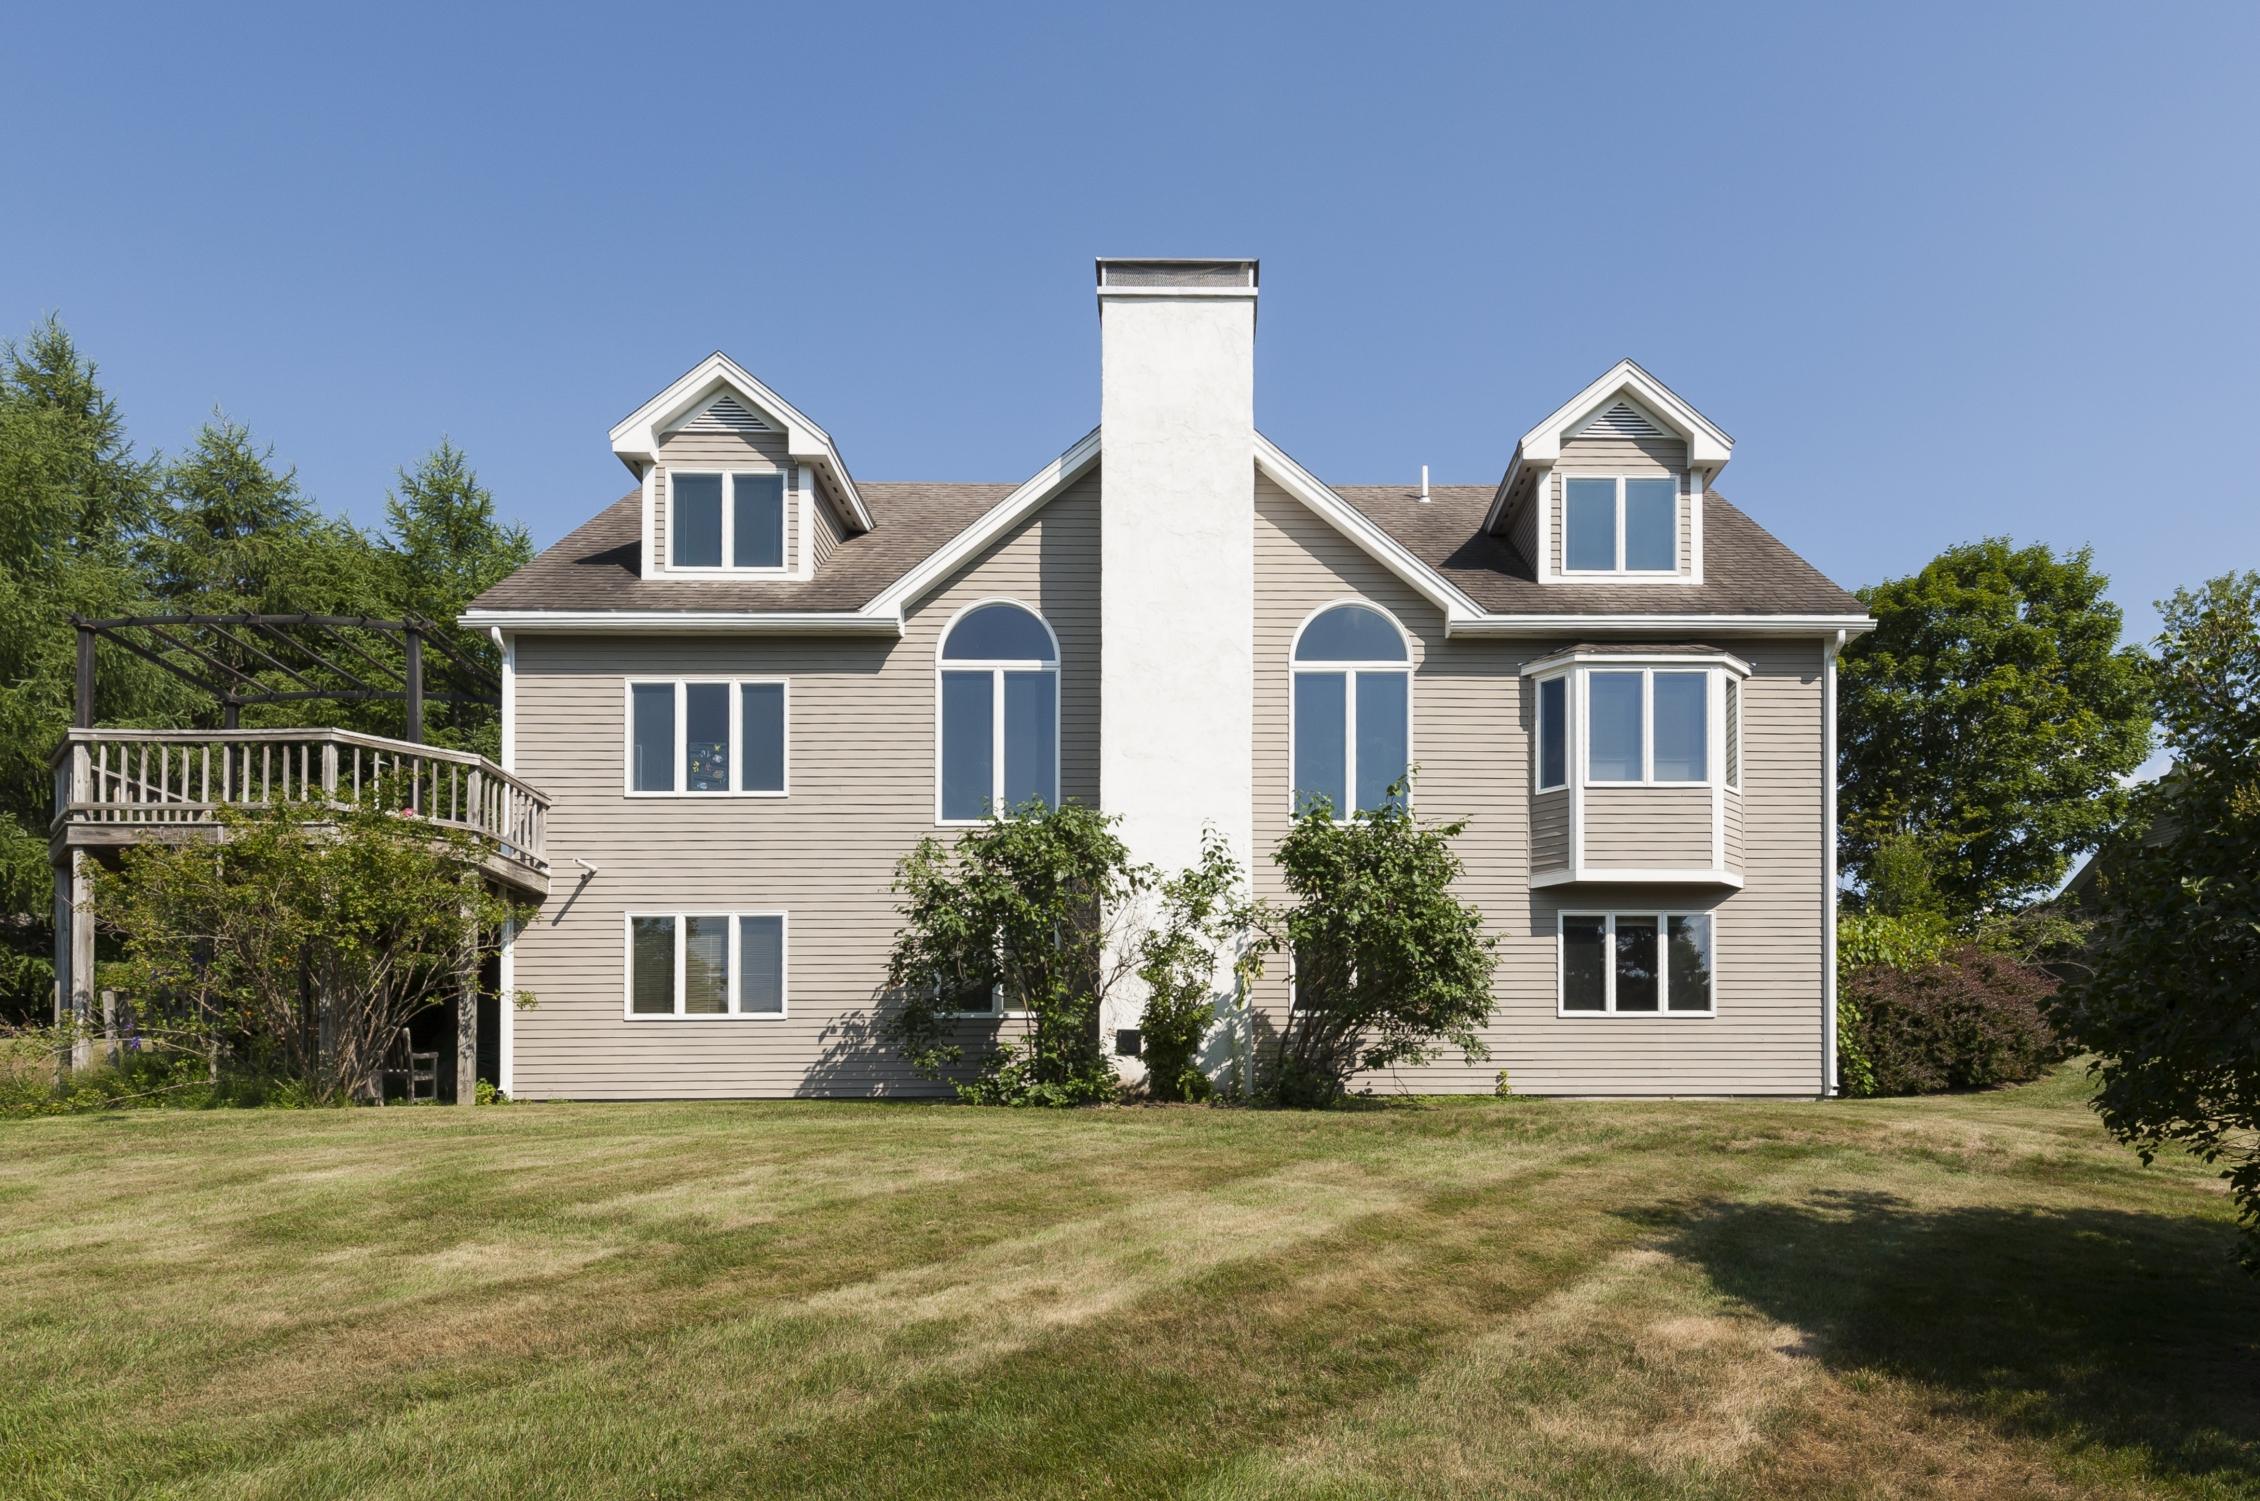 Maison unifamiliale pour l Vente à 6 Cuttings Cor, Hanover Hanover, New Hampshire, 03755 États-Unis